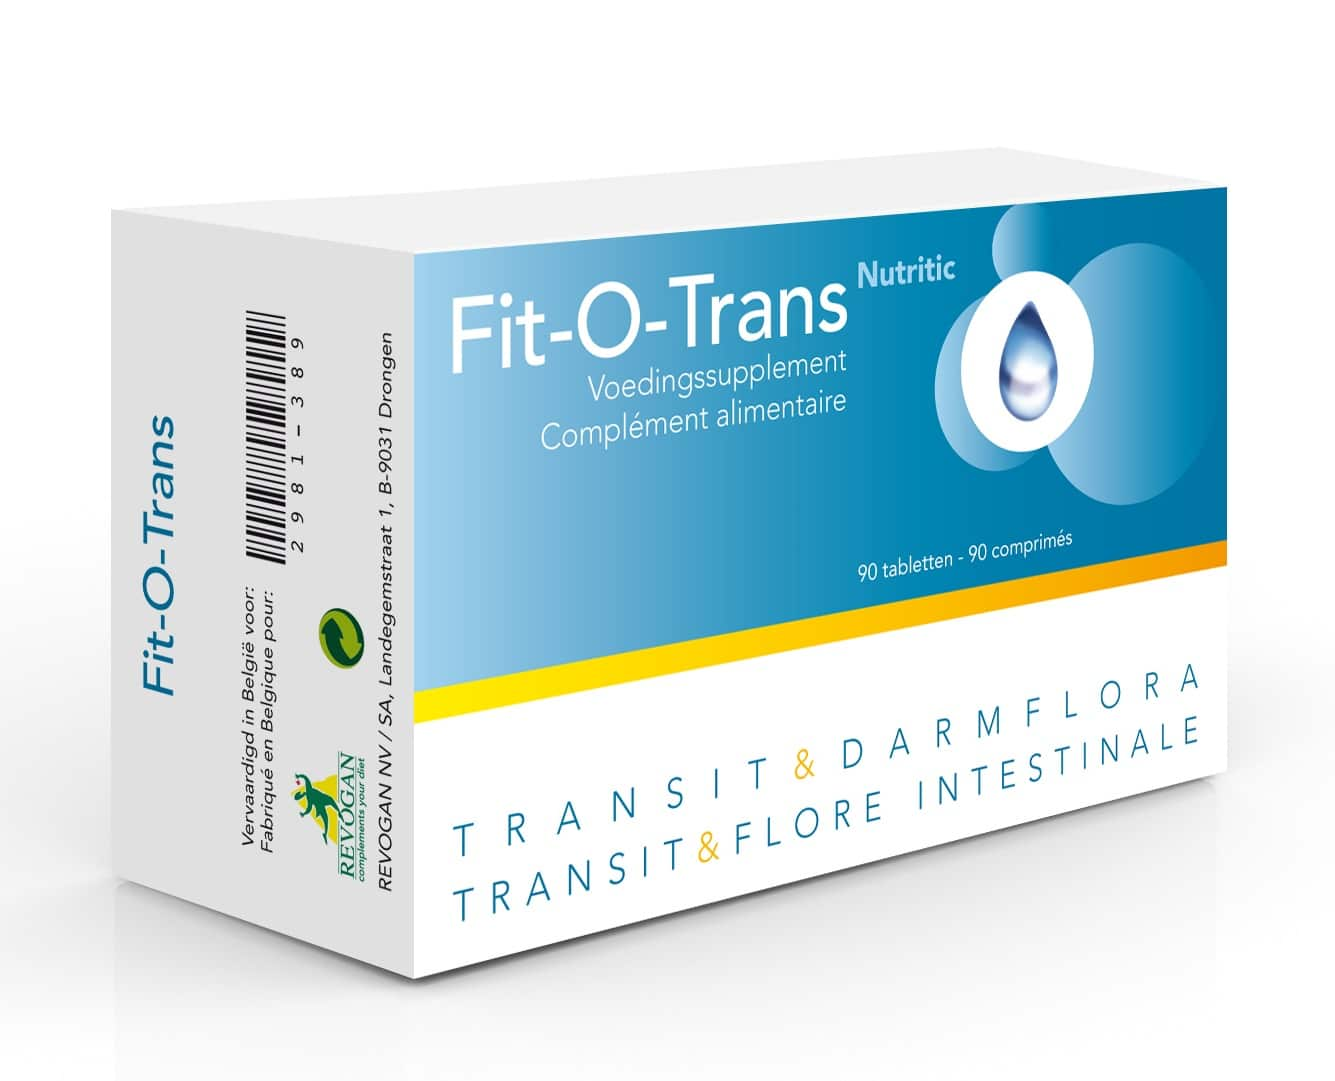 voor een optimaal darmtransit op basis van planten